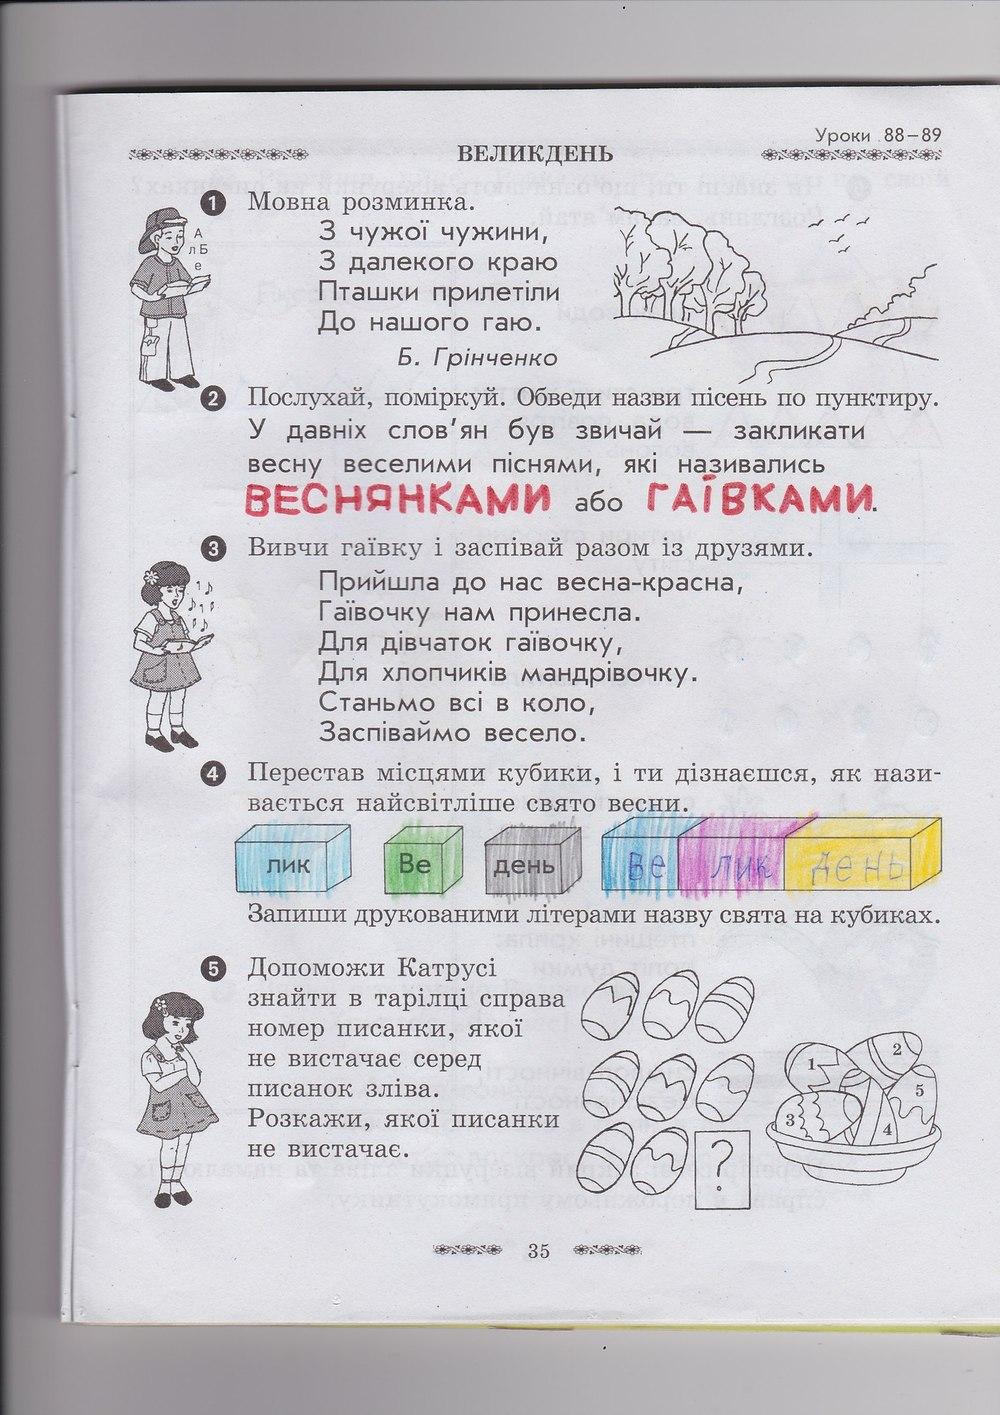 ГДЗ відповіді робочий зошит по рiдна/укр. мова 1 класс Кобзар О. Г.. Задание: стр. 35